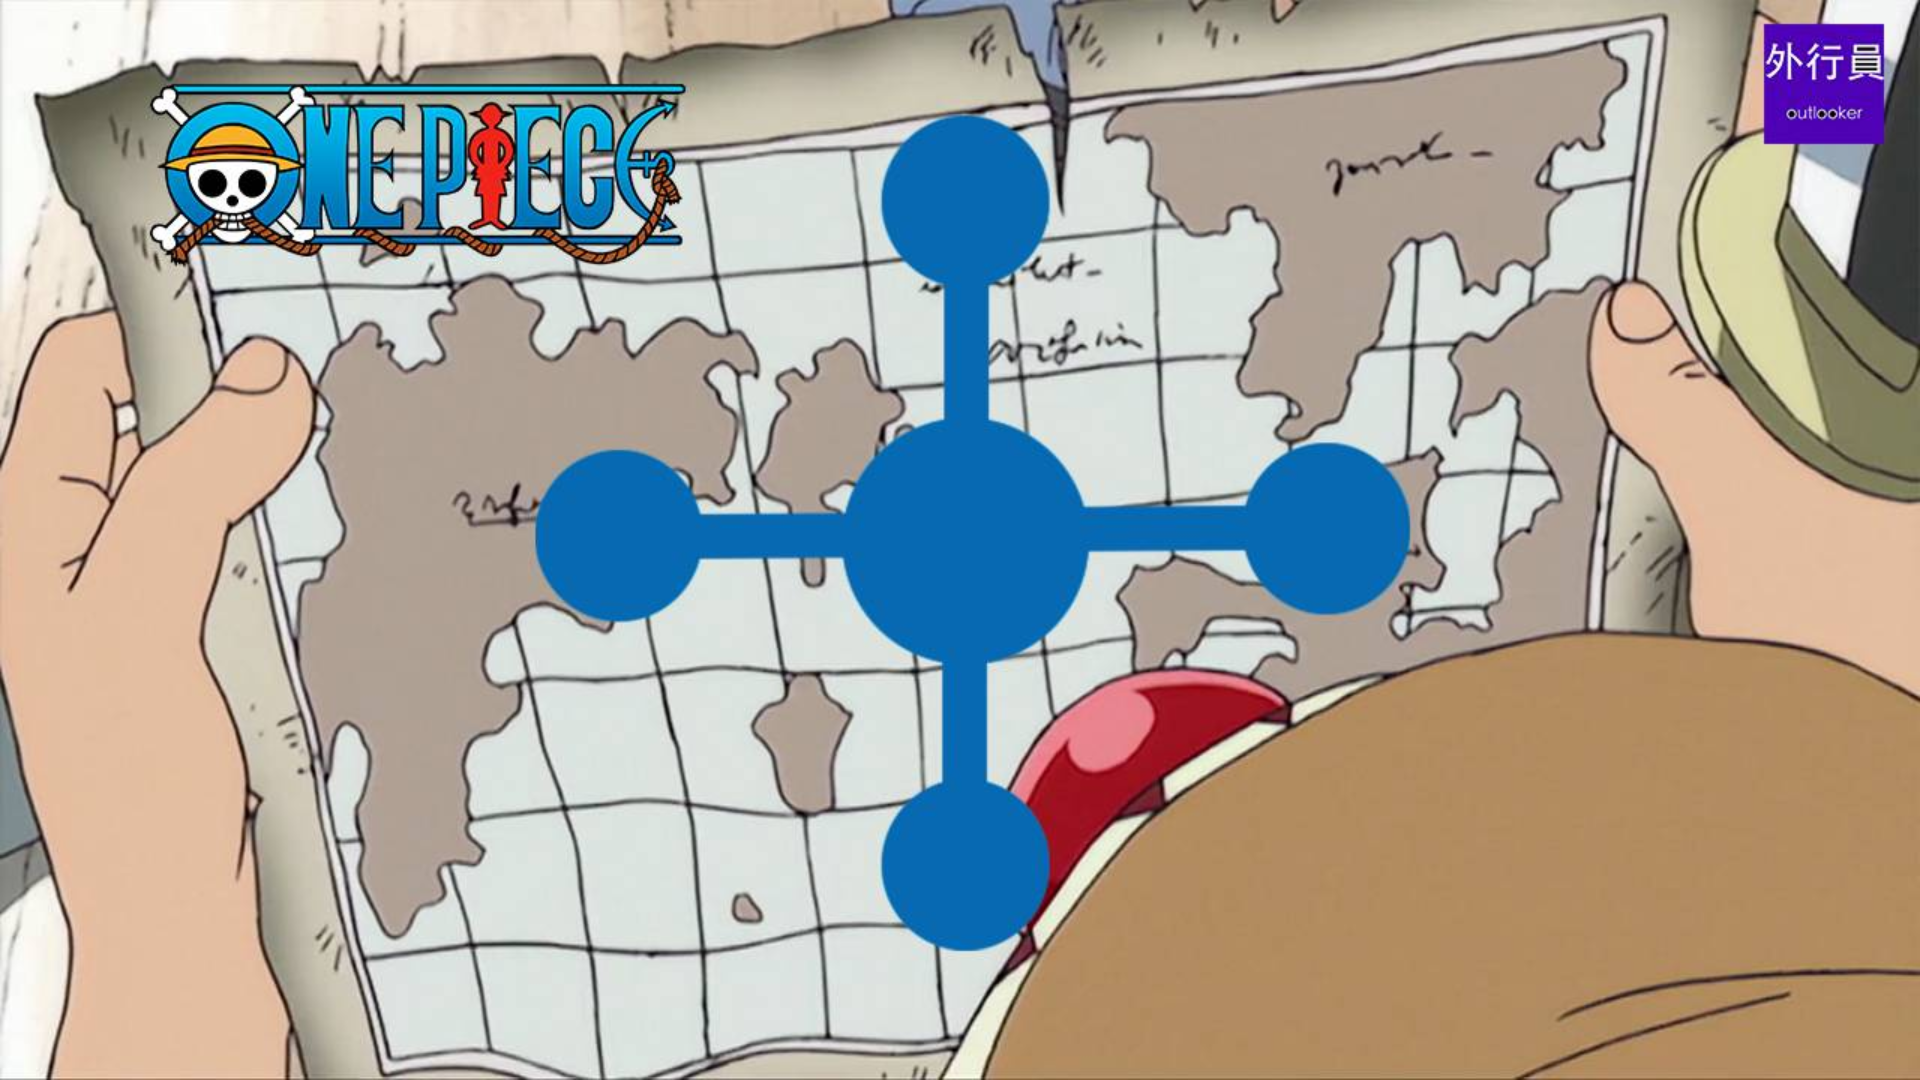 海贼王专题#460: 五大岛屿组成的古代海贼王世界